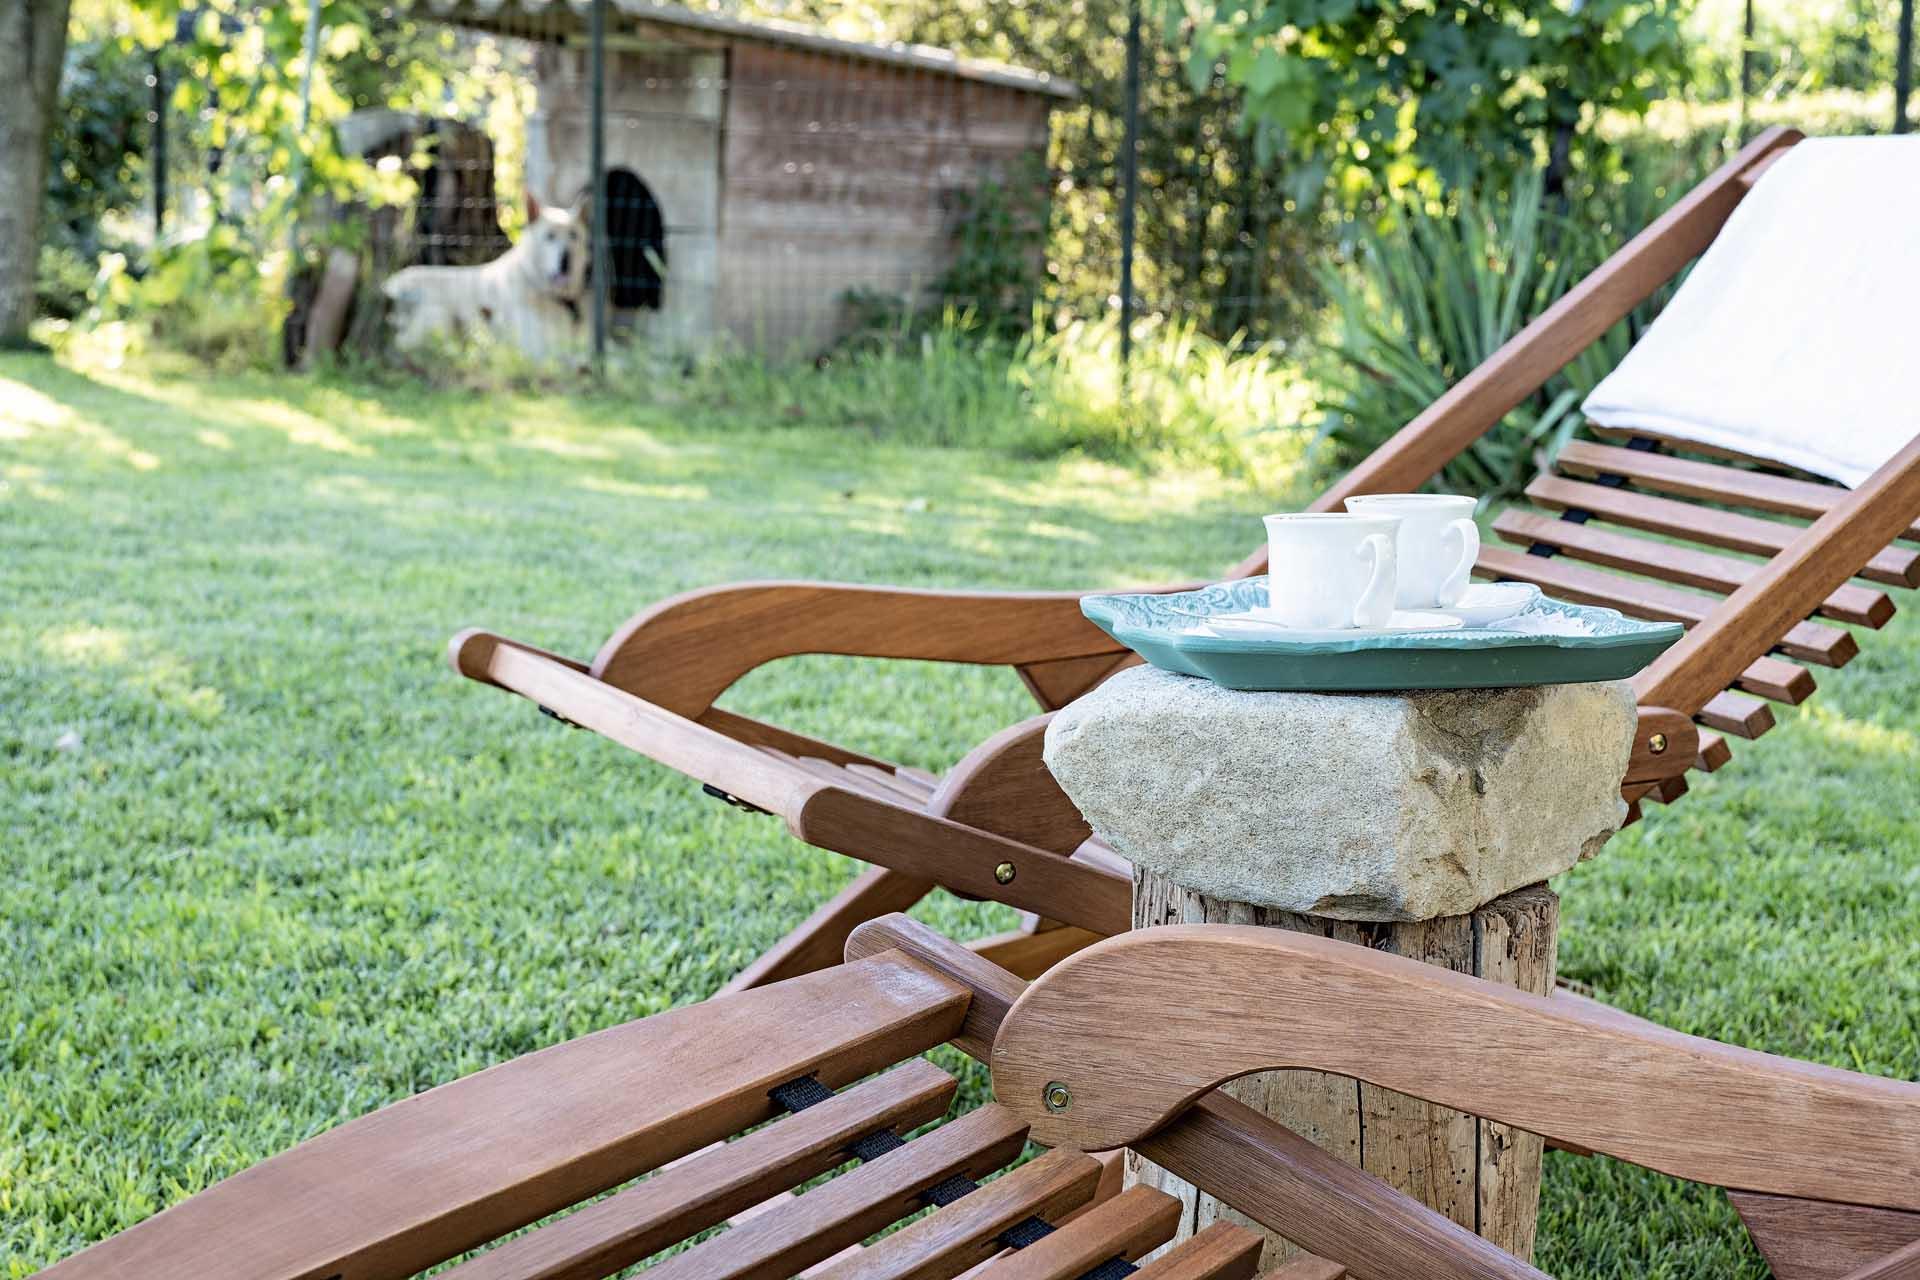 Villa-CurteNicia-giardino4.jpg